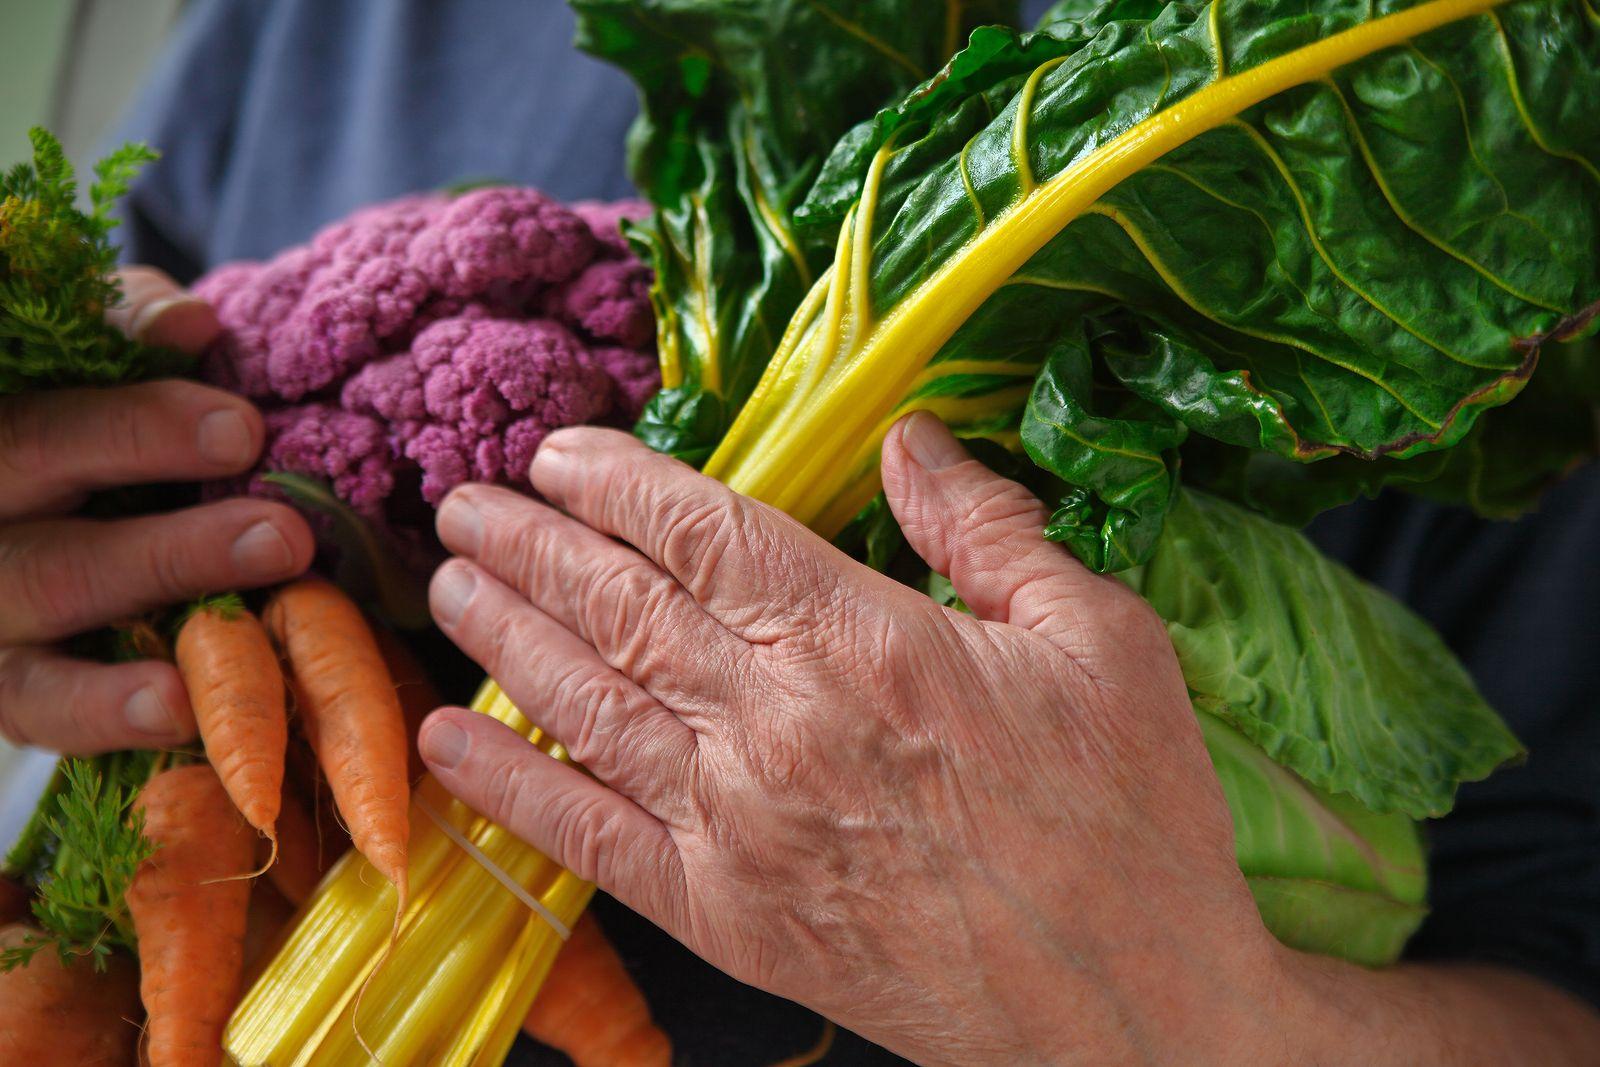 necesidades nutricionales básicas de adultos mayores de 65 años